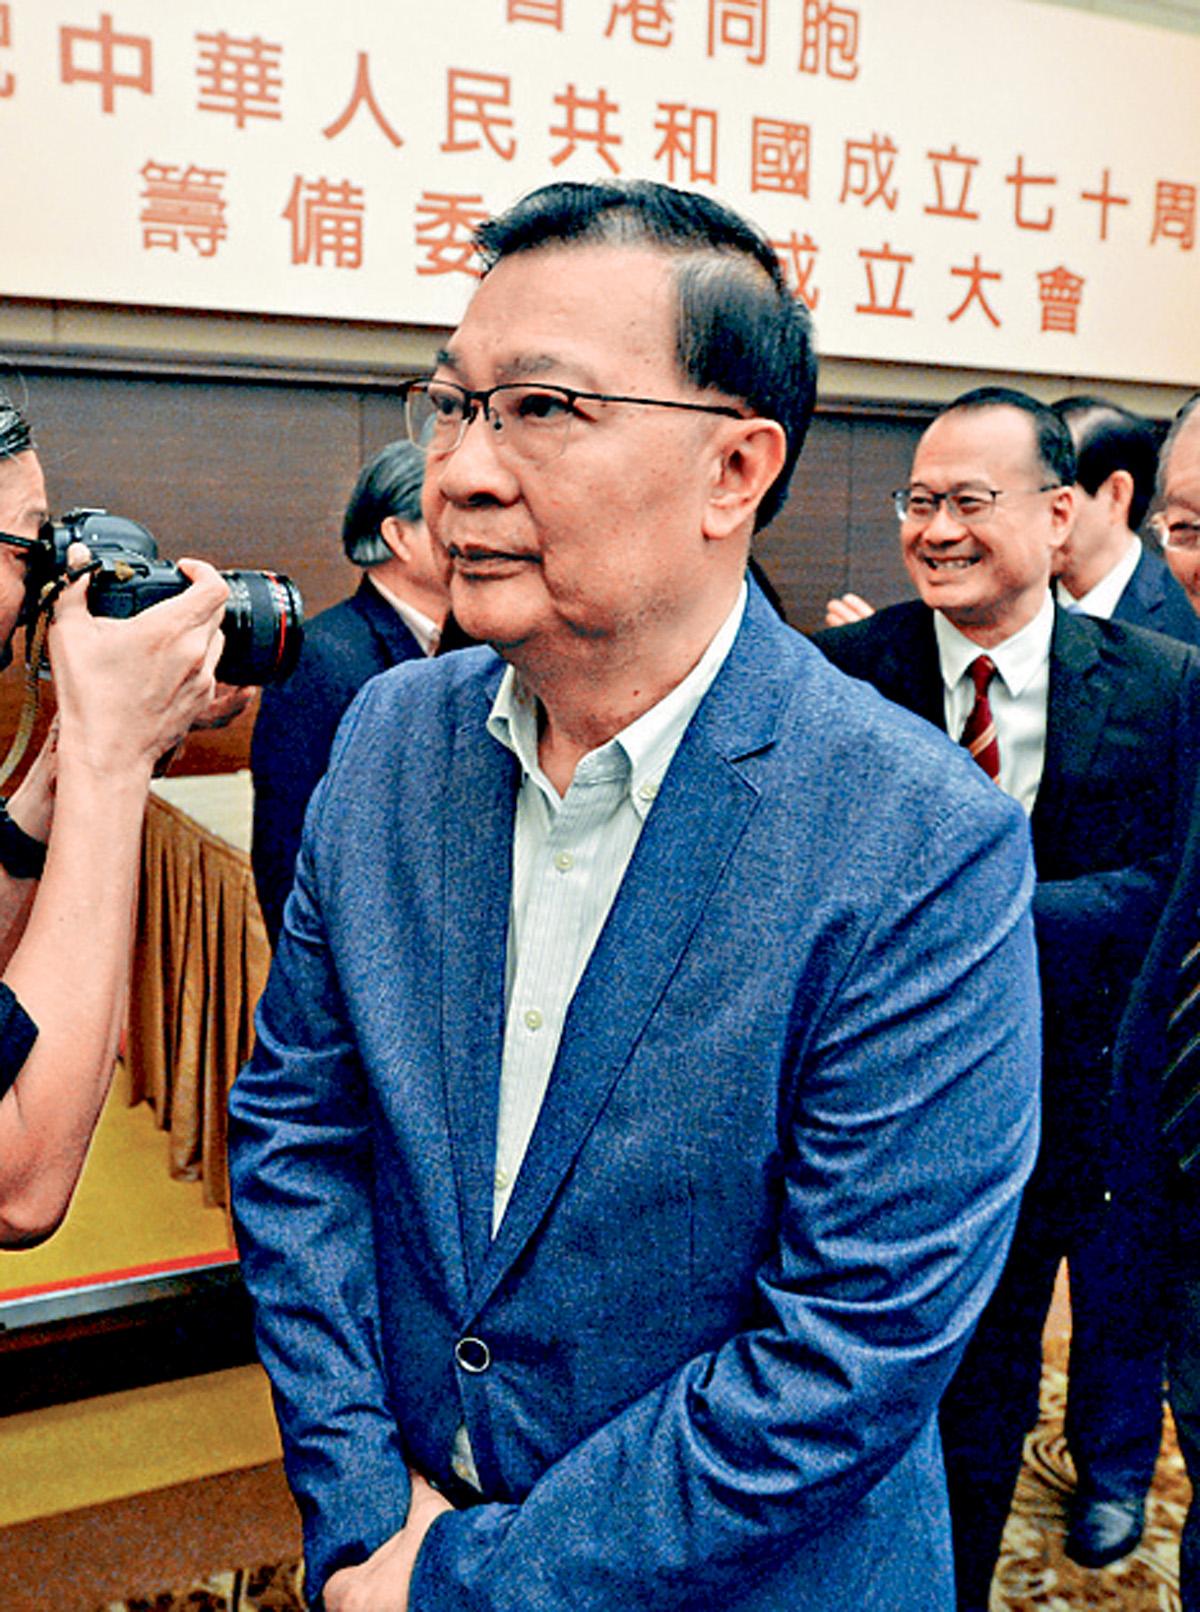 譚耀宗表示,社會毋須再就「撤回」等字眼爭議。